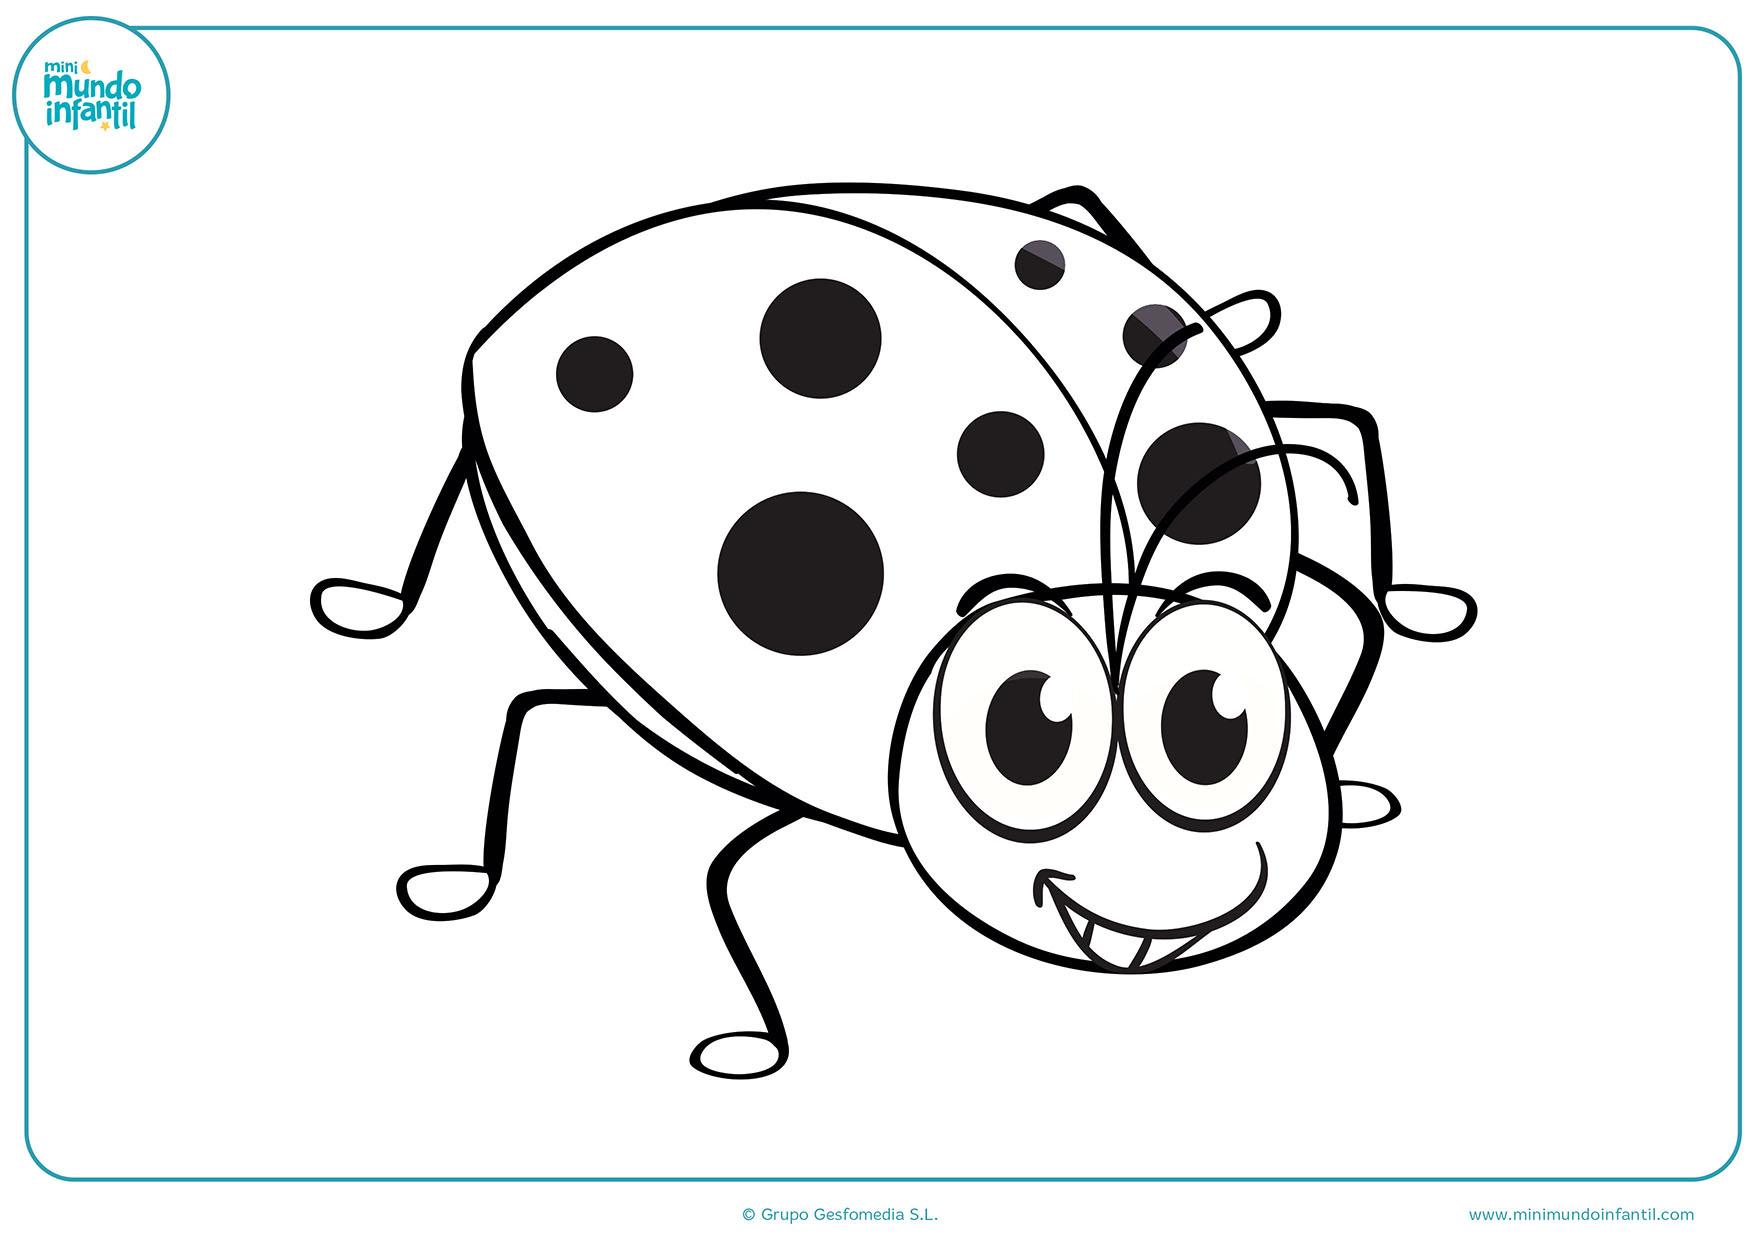 Dibujos Varios Para Colorear: Dibujos De Insectos Para Colorear